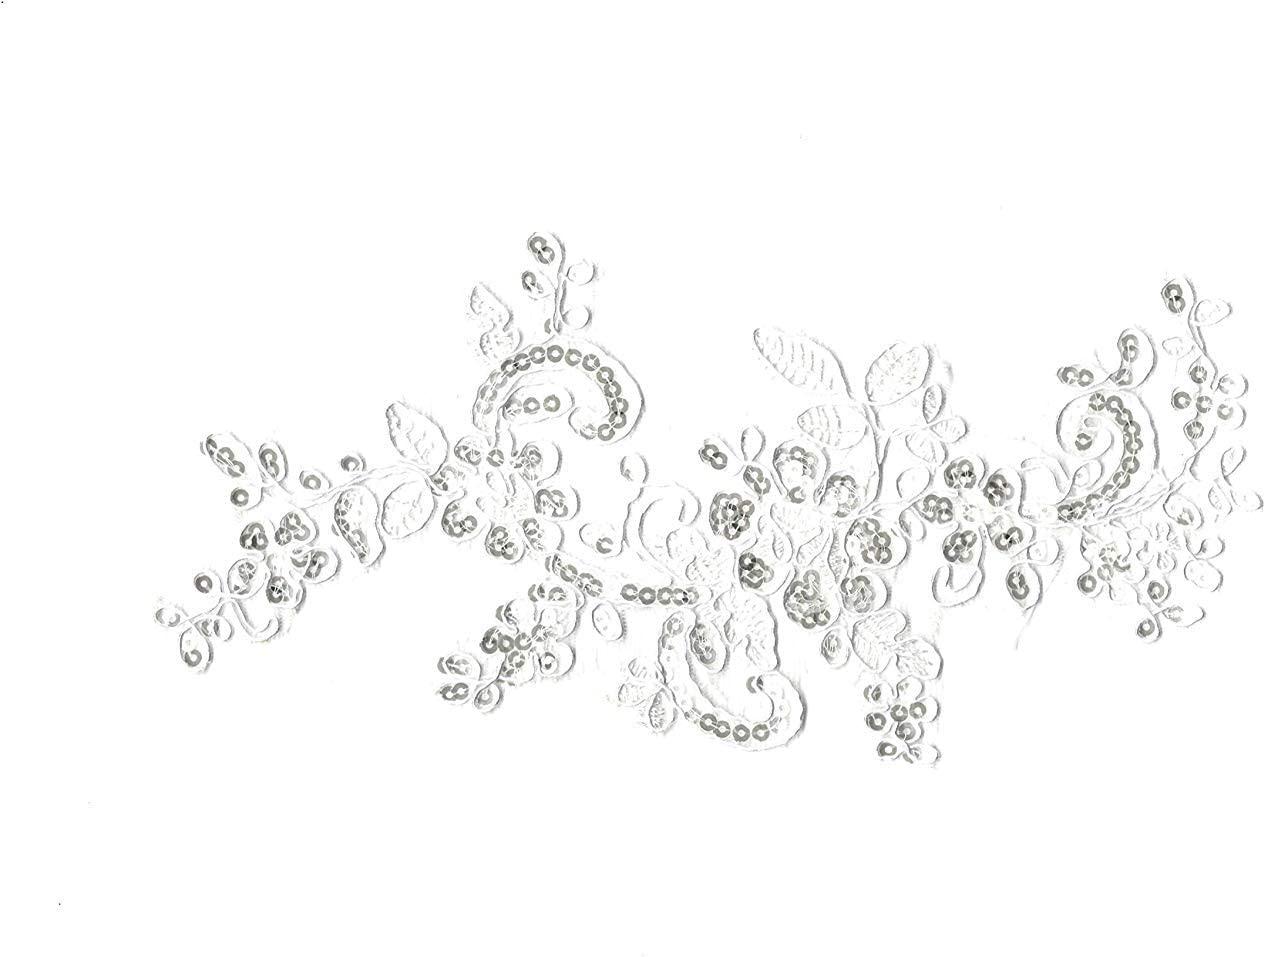 6 Pieces XWhite Sequins Floral lace Applique White Bridal Sequins lace Motif White Sequin Embroidered Patches Motif White Sequin lace appplique lace Embroidery Motif White Sequins Motif Applique